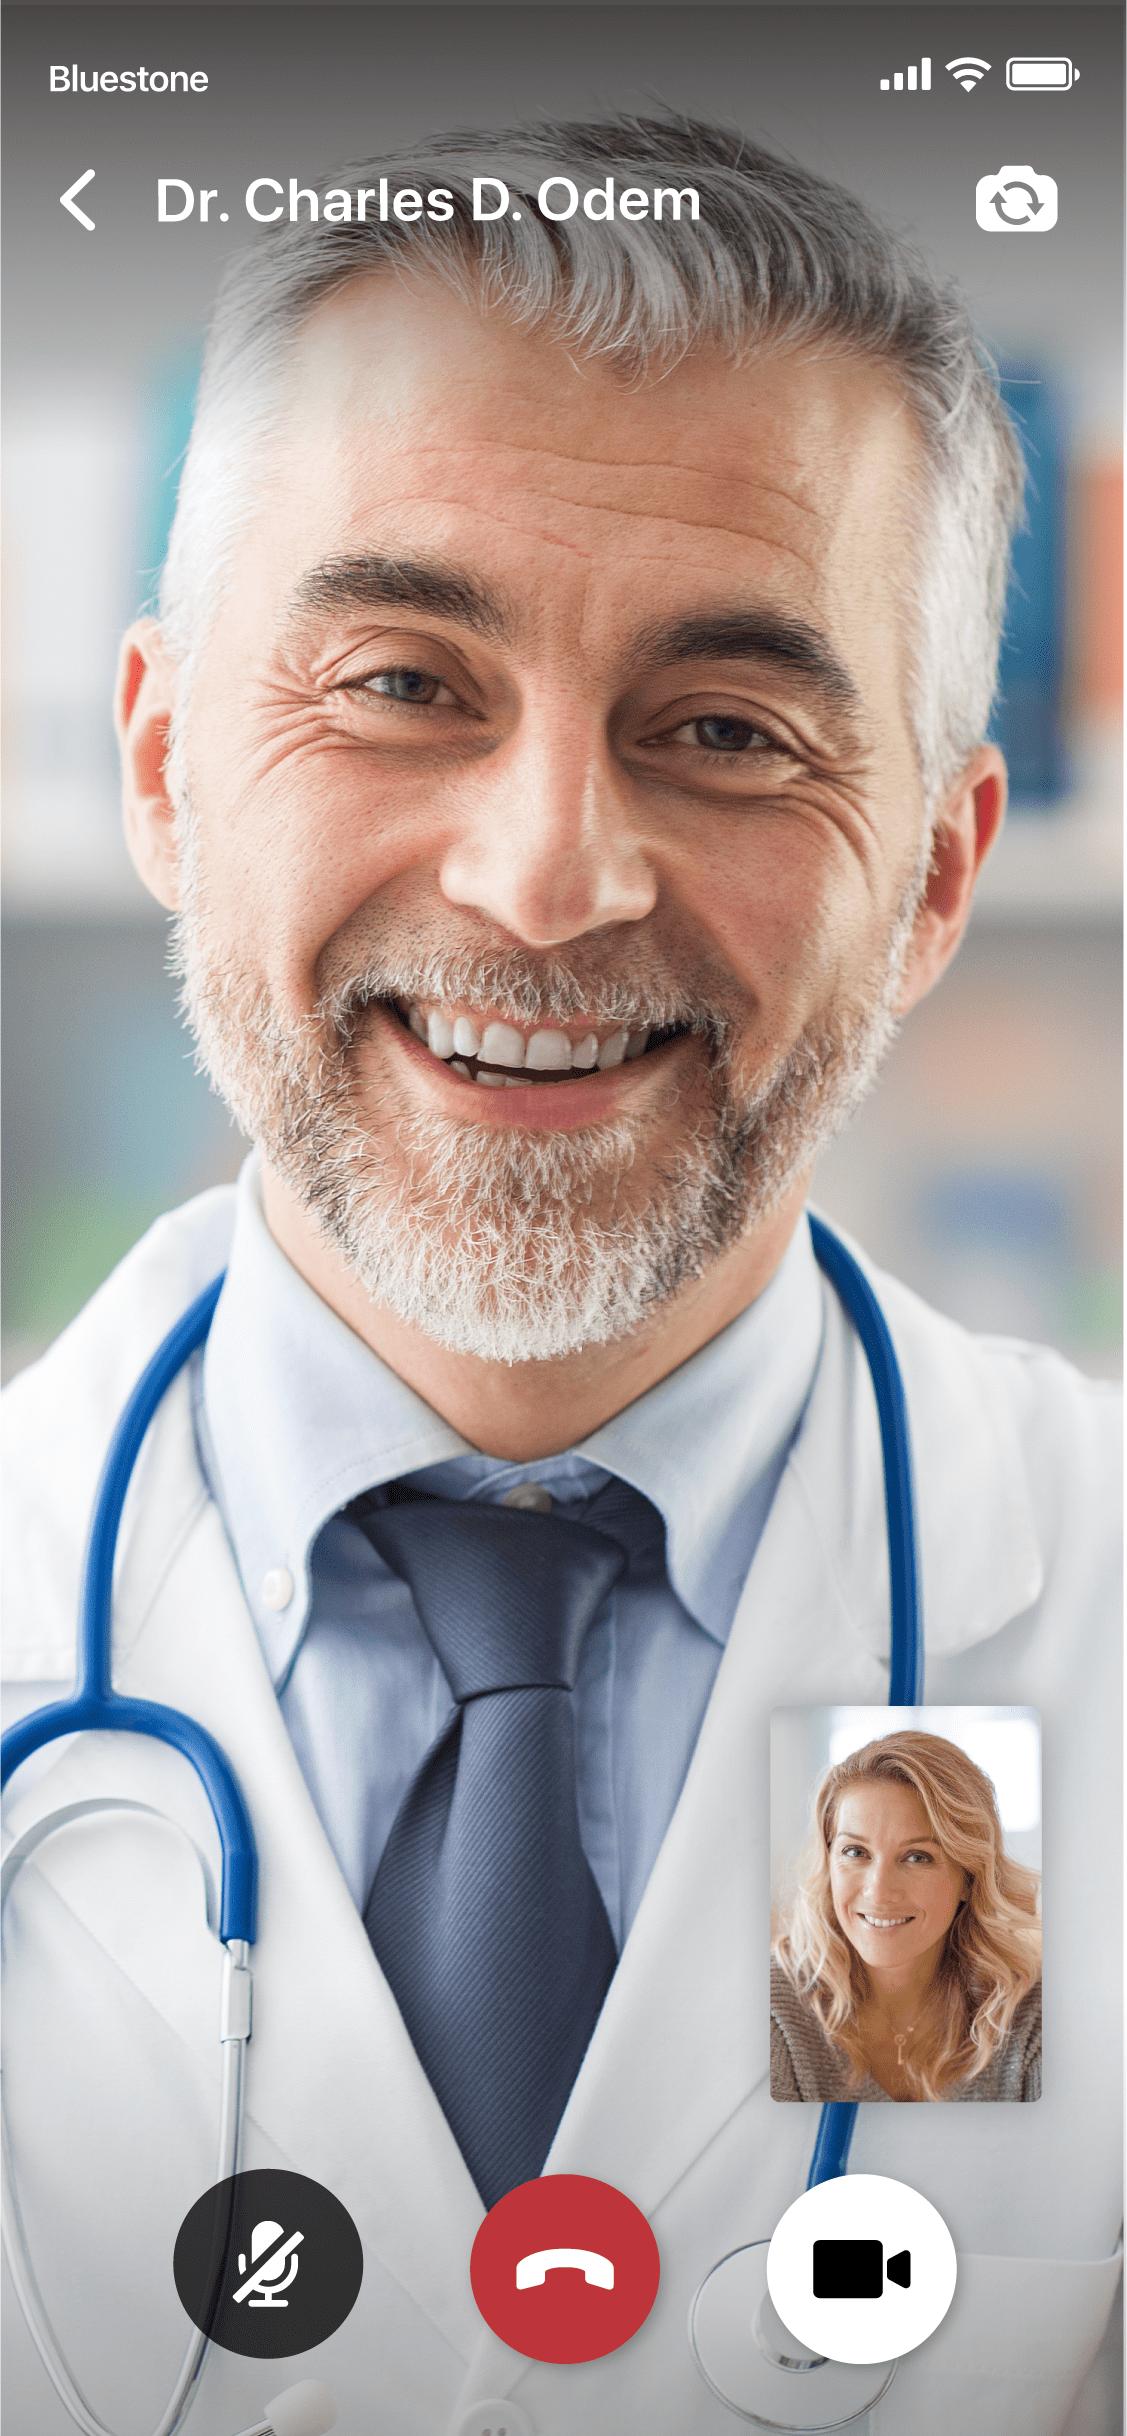 (Marketing) Telemedicine App_Artboard 3 copy 3